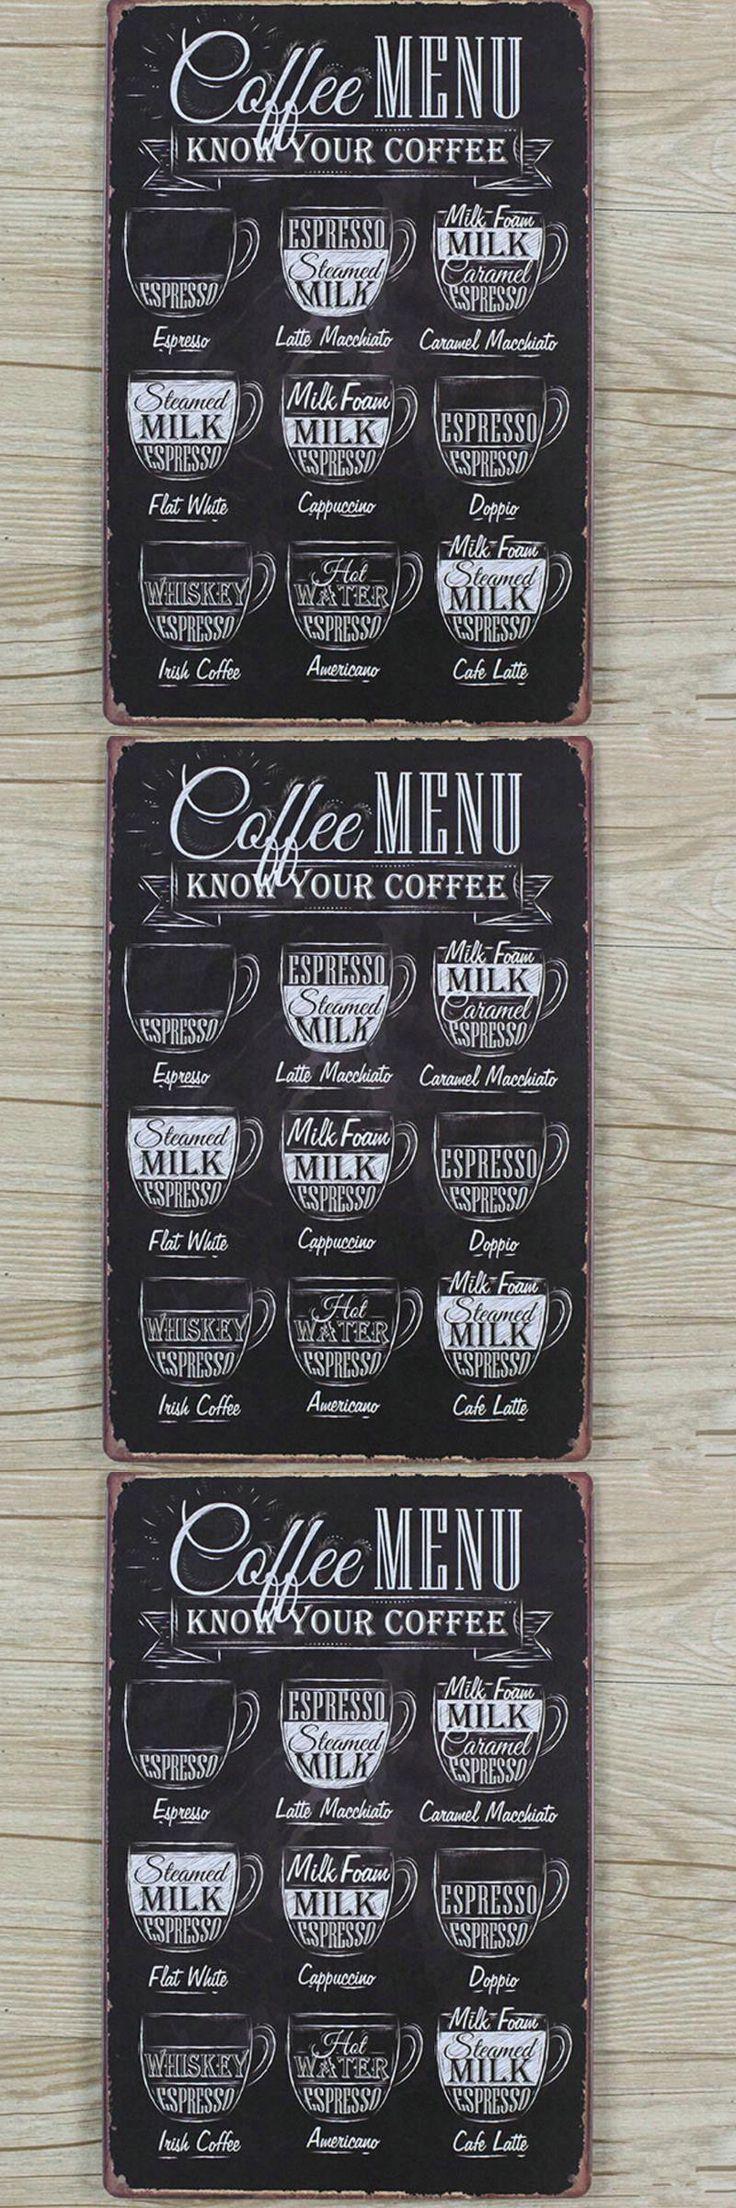 Coffees menu Vintage Tin Sign Bar pub home Wall Decor Retro Metal Art Poster  Bar Coffee Pub Retro $6.99